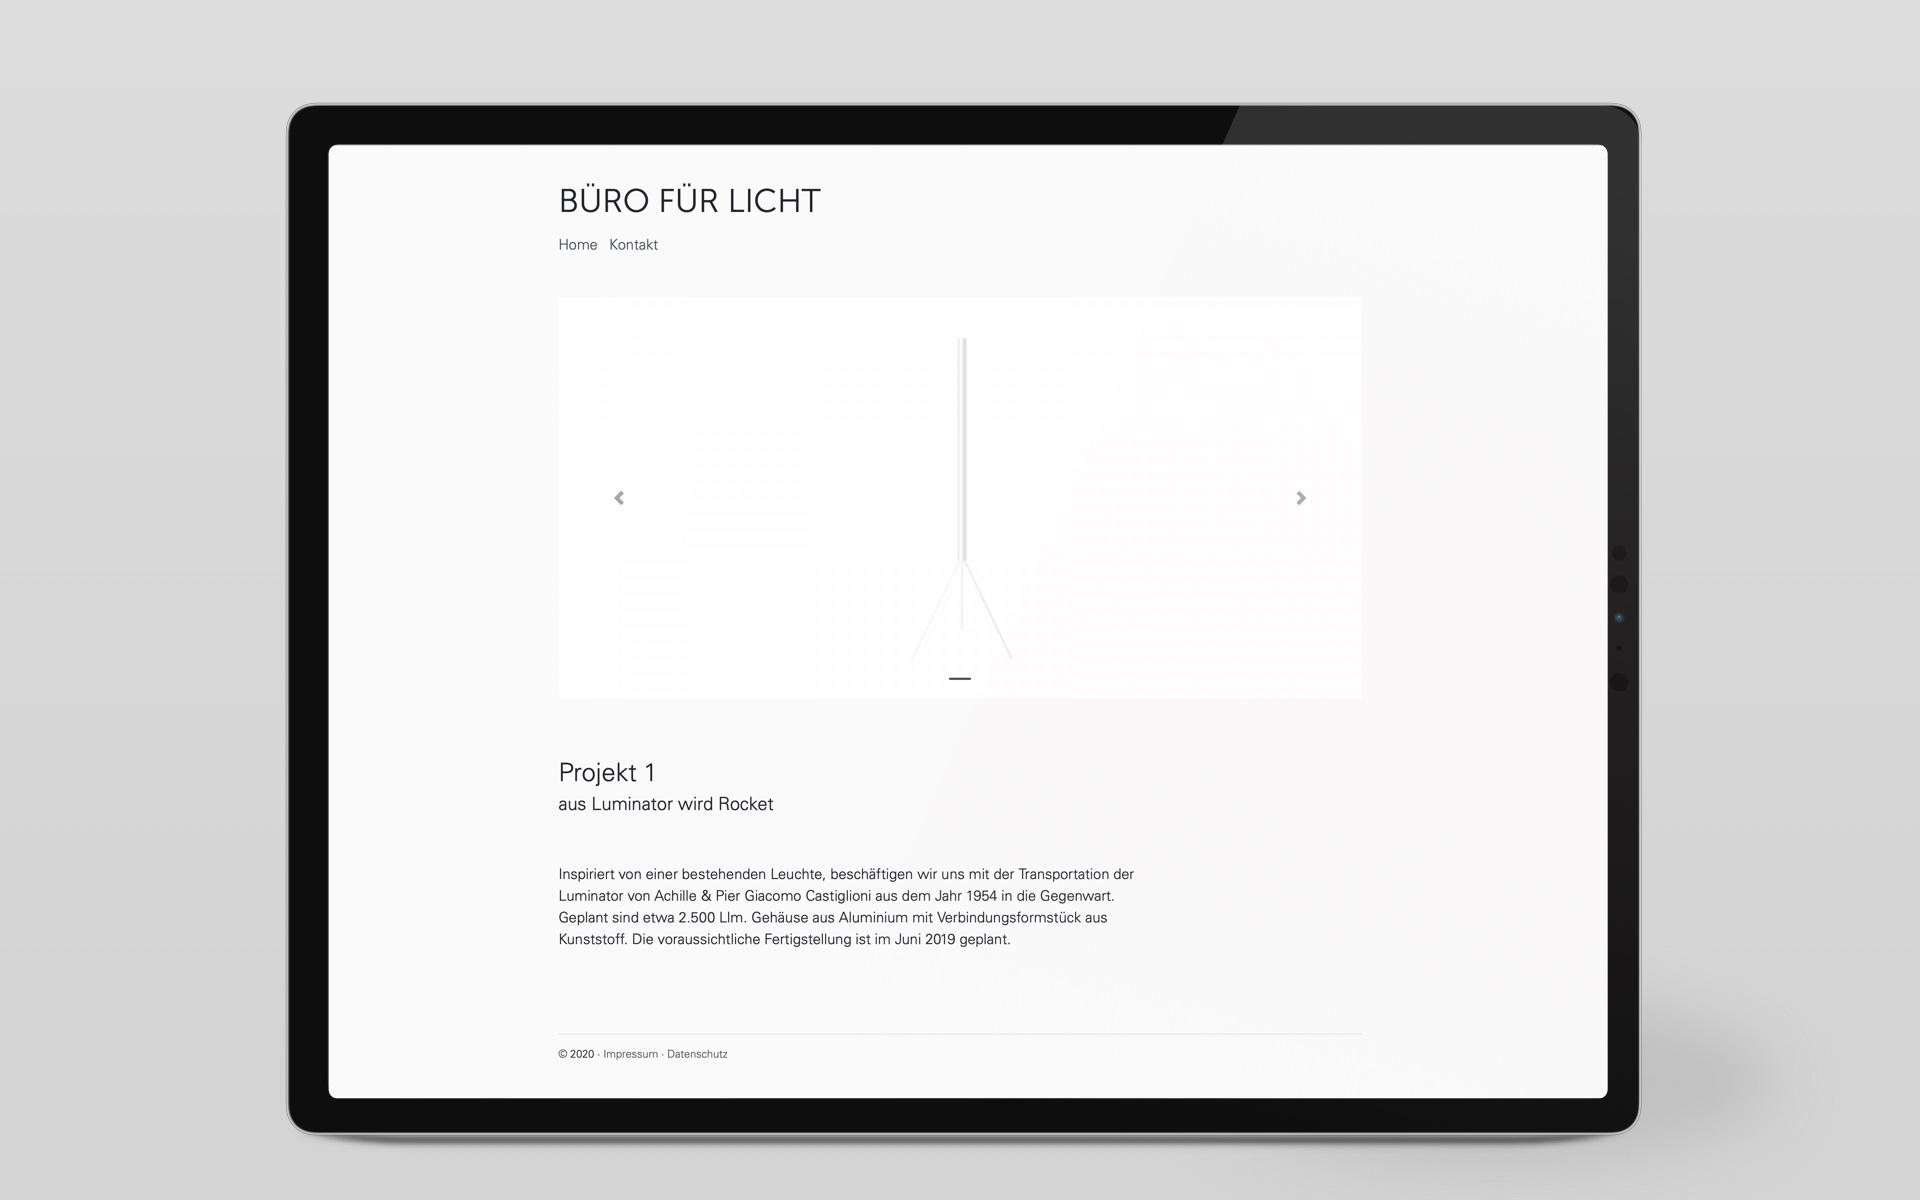 Responsiver Internetauftritt mit Content-Management-System für das Büro für Licht von der Designagentur das formt aus München